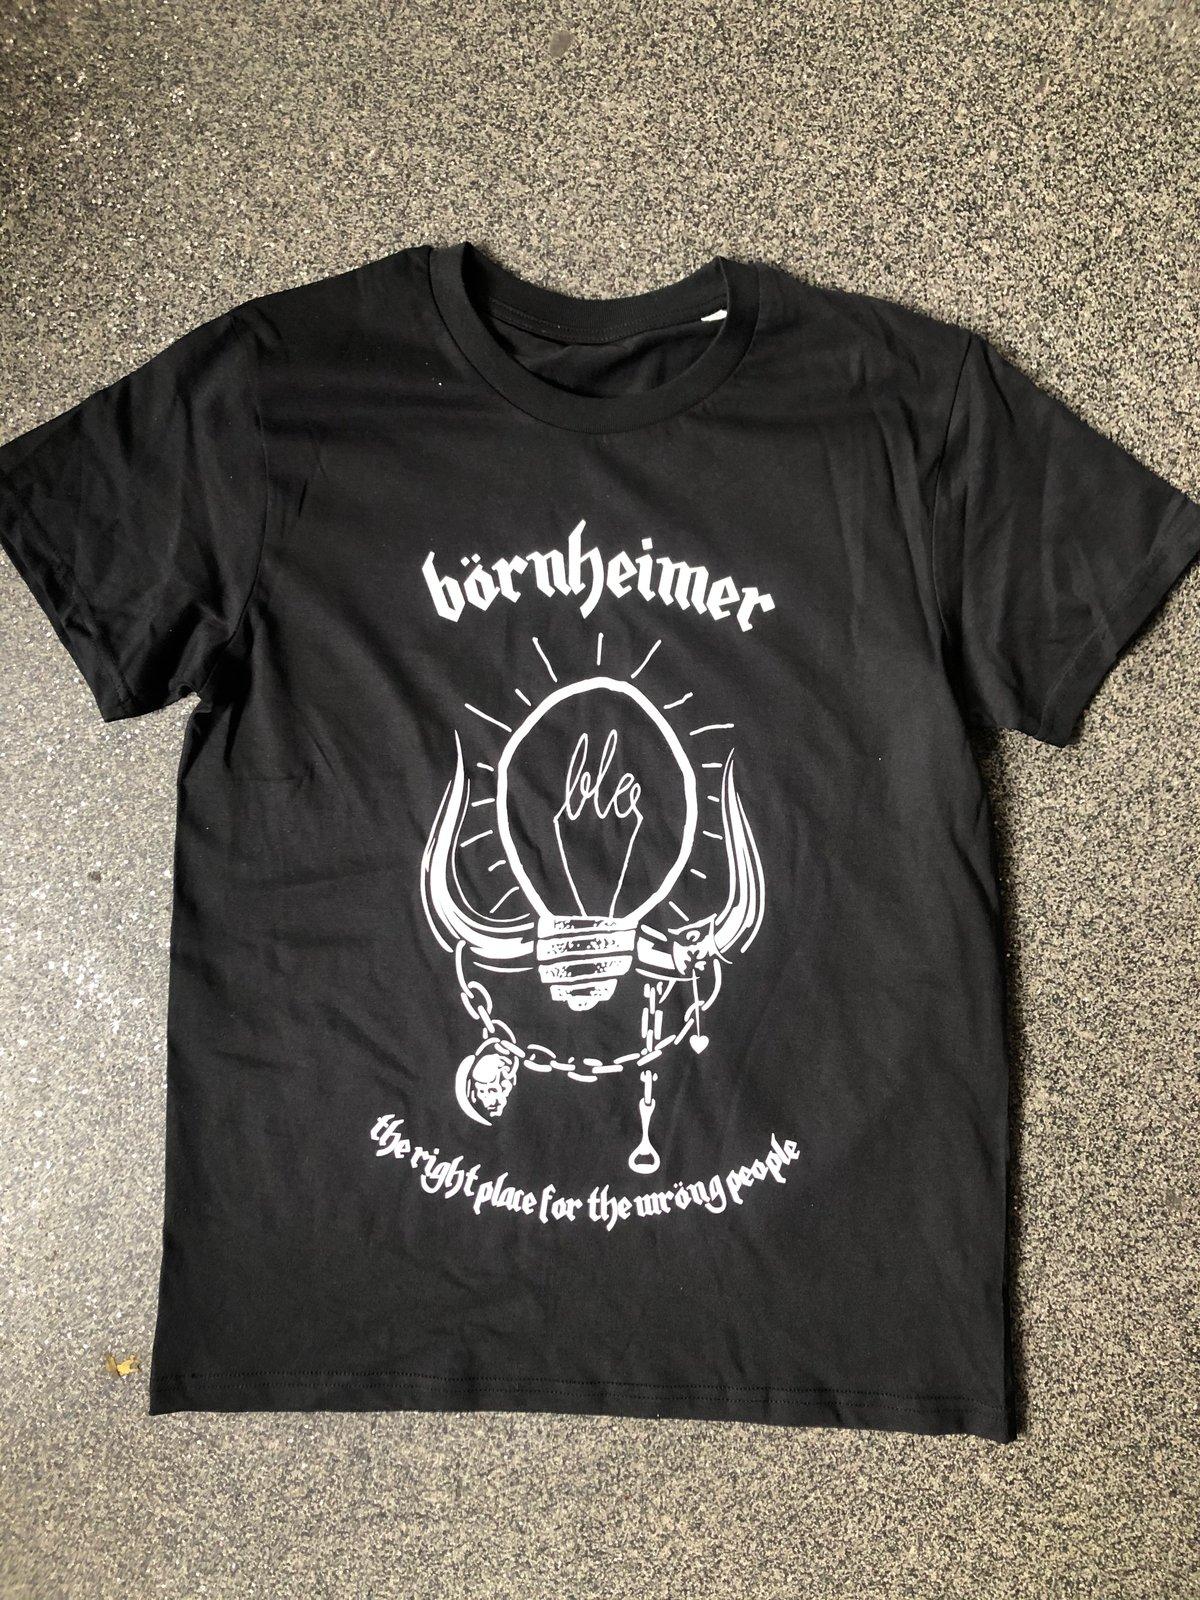 Börnheimer Shirt